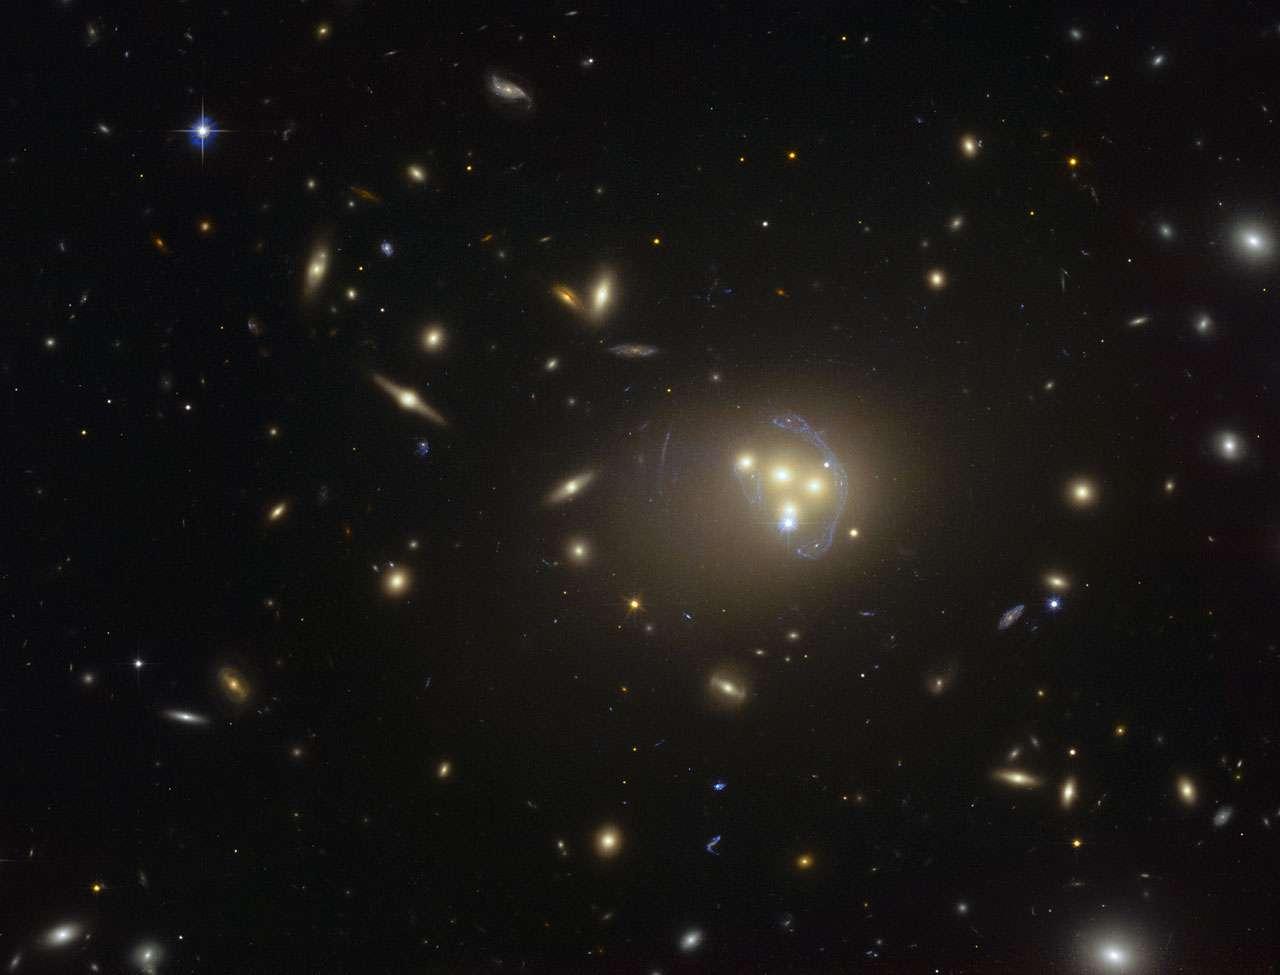 Cette image acquise par le télescope spatial Hubble du consortium Nasa-Esa montre le riche amas galactique Abell 3827. Les étranges structures de couleur bleue qui entourent les galaxies centrales constituent des vues agrandies, par effet de lentille gravitationnelle, d'une galaxie plus lointaine située derrière l'amas. Des observations de la fusion des quatre galaxies centrales ont démontré que la matière noire entourant l'une des galaxies ne suit pas le mouvement de la galaxie elle-même. Ce résultat permet d'envisager l'existence d'interactions matière noire – matière noire de nature inconnue. © ESO